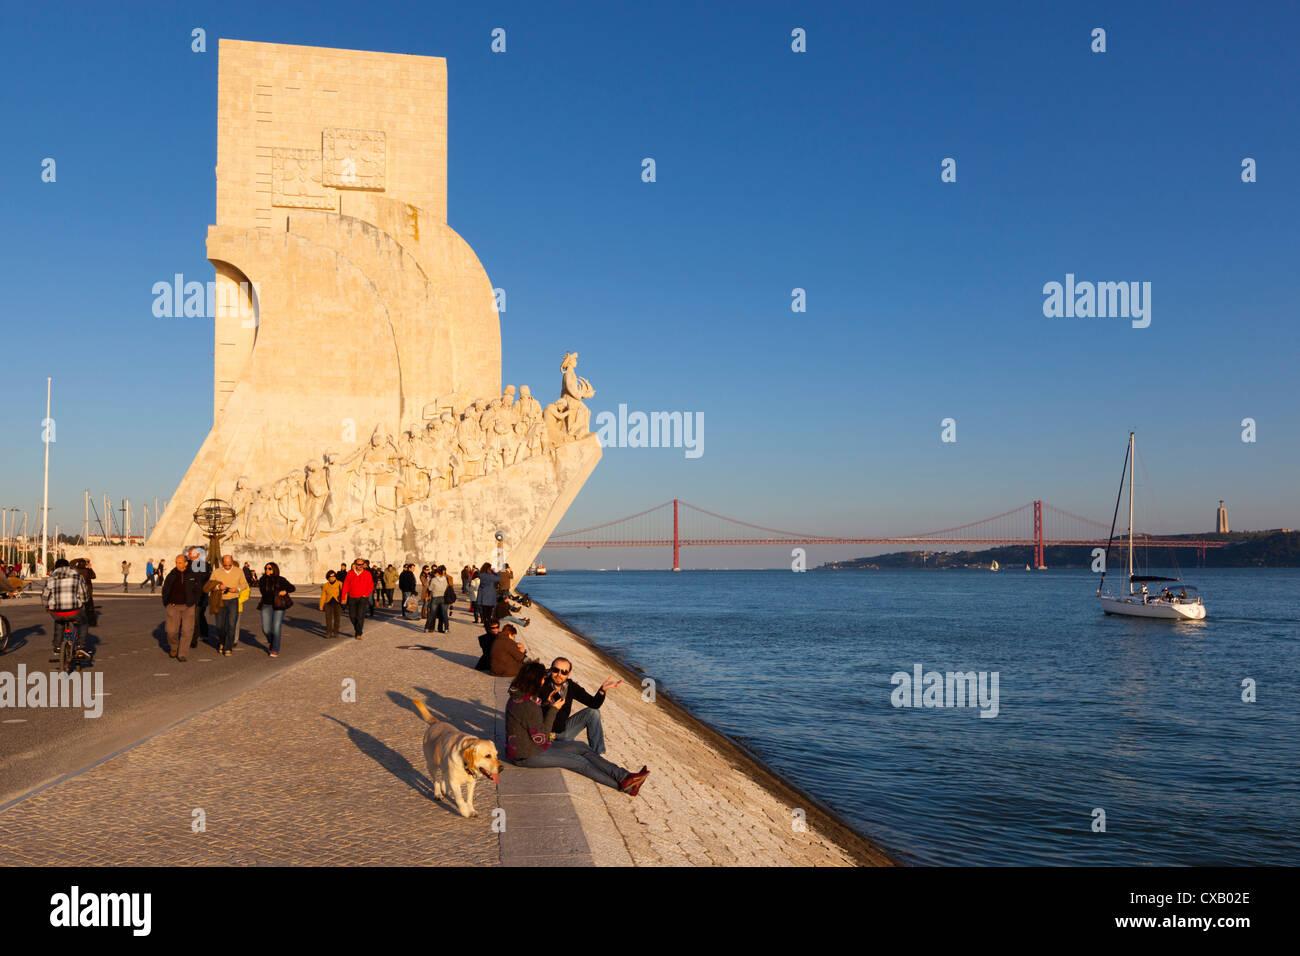 Denkmal der Entdeckungen neben dem Fluss Tagus, Belem, Lissabon, Portugal, Europa Stockbild